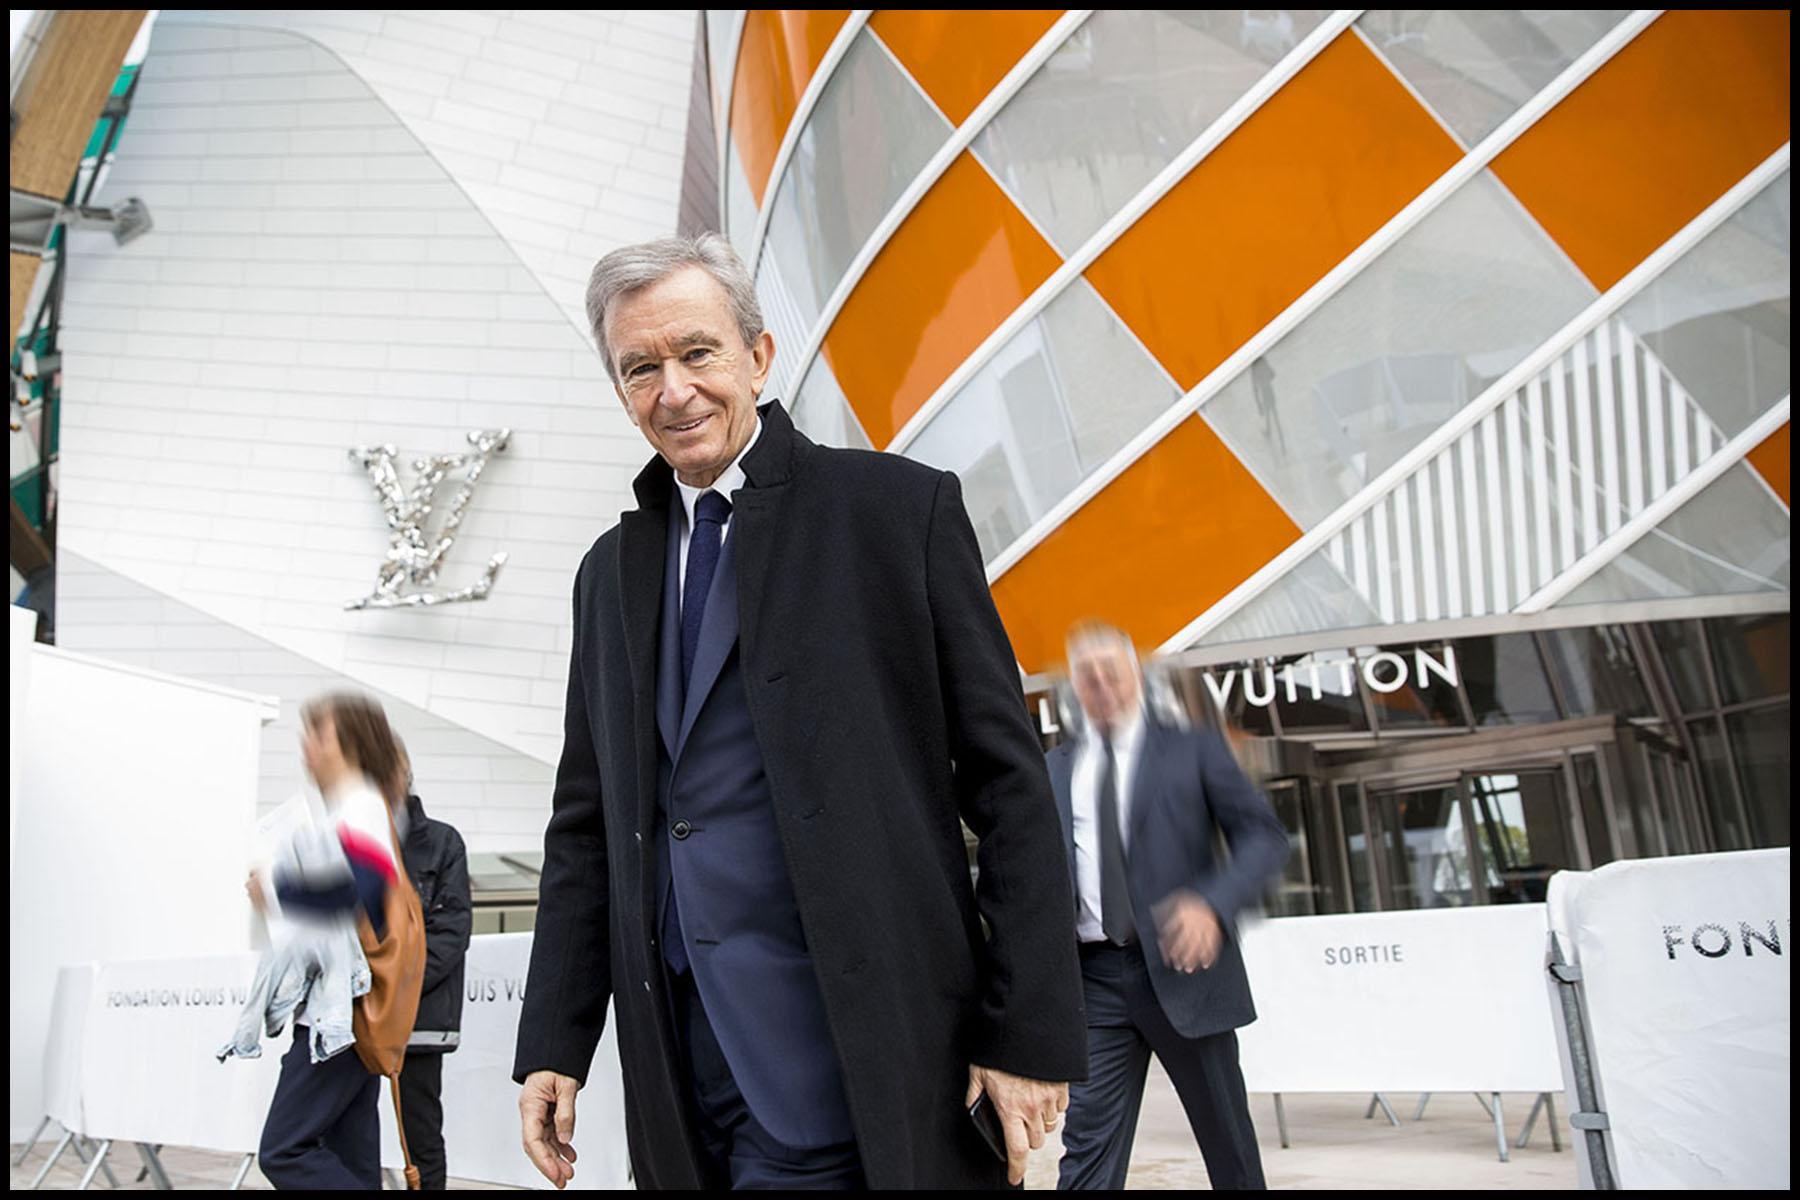 Les chefs- d'oeuvre de l'art moderne de la collection Chtchoukine réunis pour la première fois depuis leur nationalisation par l'union soviétique, exposés à la Fondation Louis Vuitton à Paris